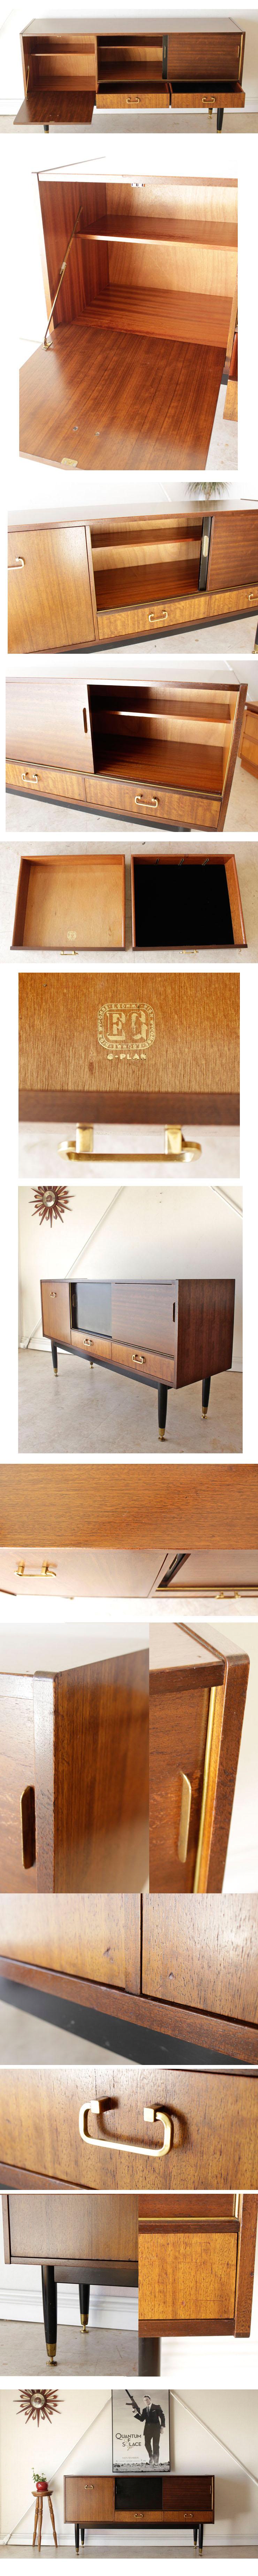 ジープラン・G-plan・サイドボード・テレビボード・ブラックトーラ・ビンテージ・アンティーク・ミッドセンチュリー・家具・輸入・中古